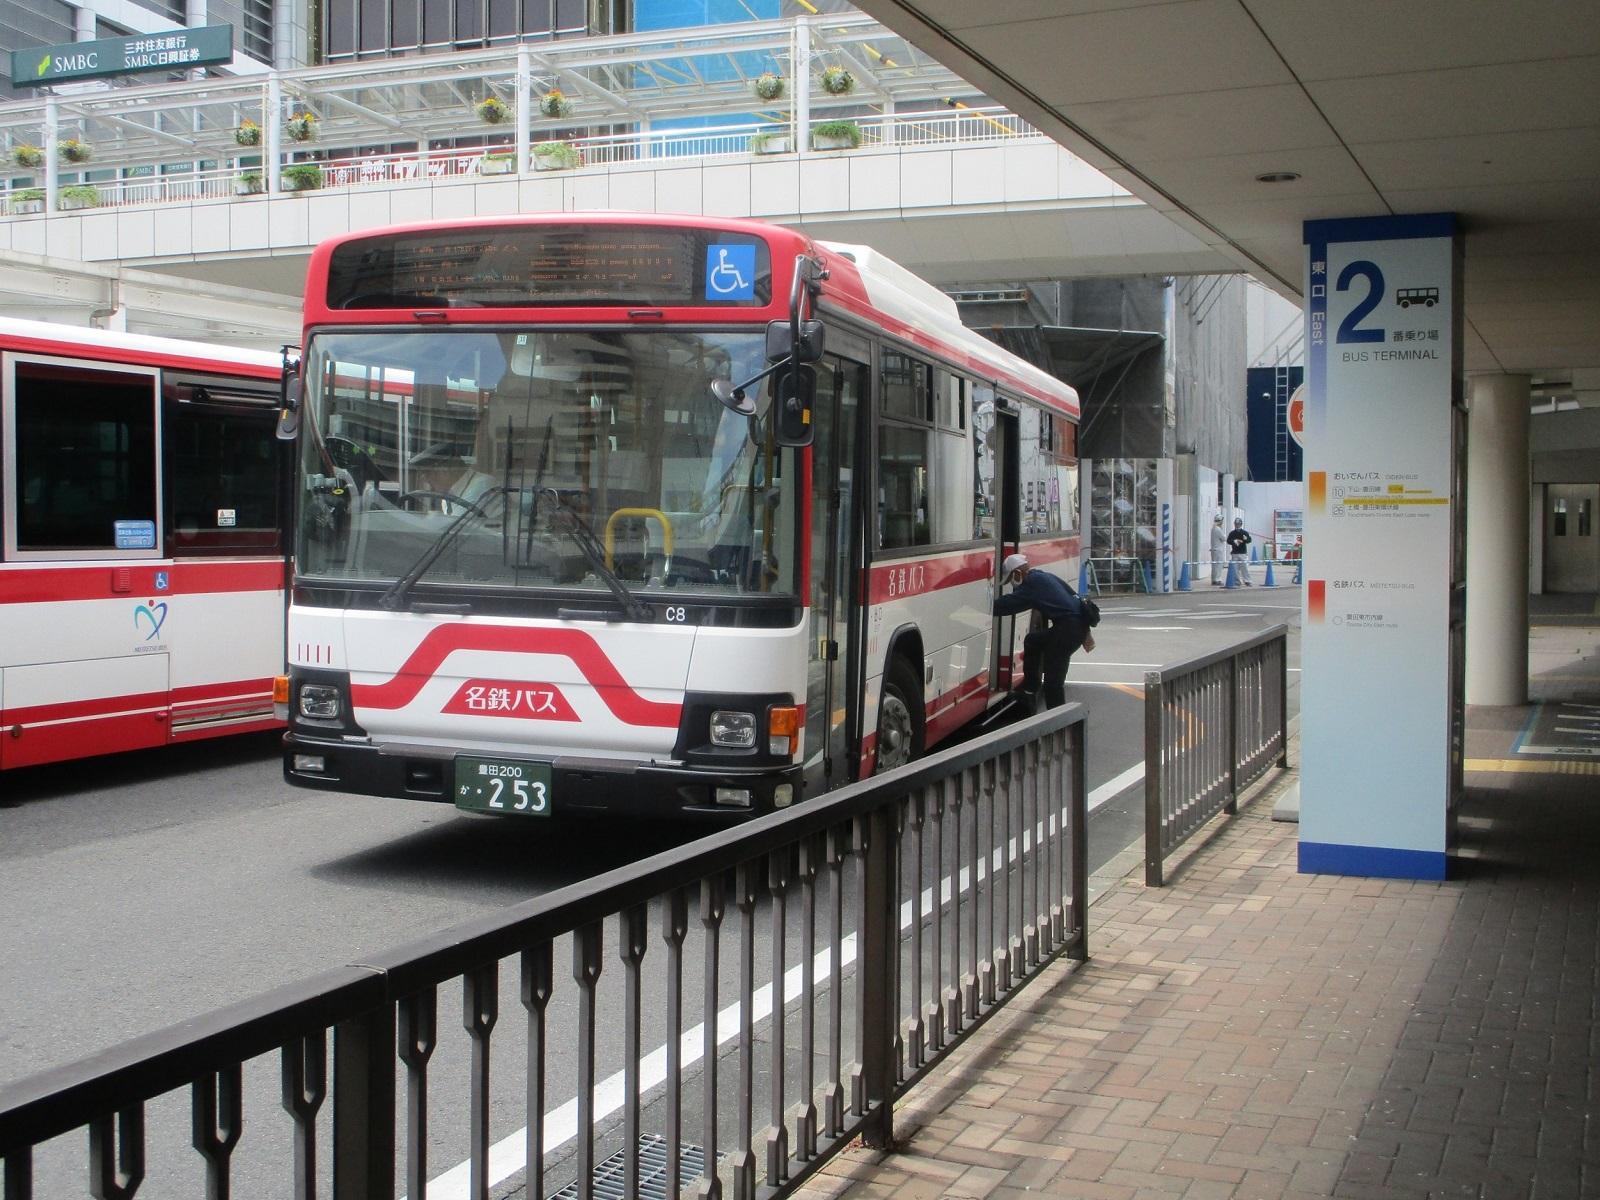 2020.5.27 (11) 豊田市 - 古瀬間町いきバス 1600-1200